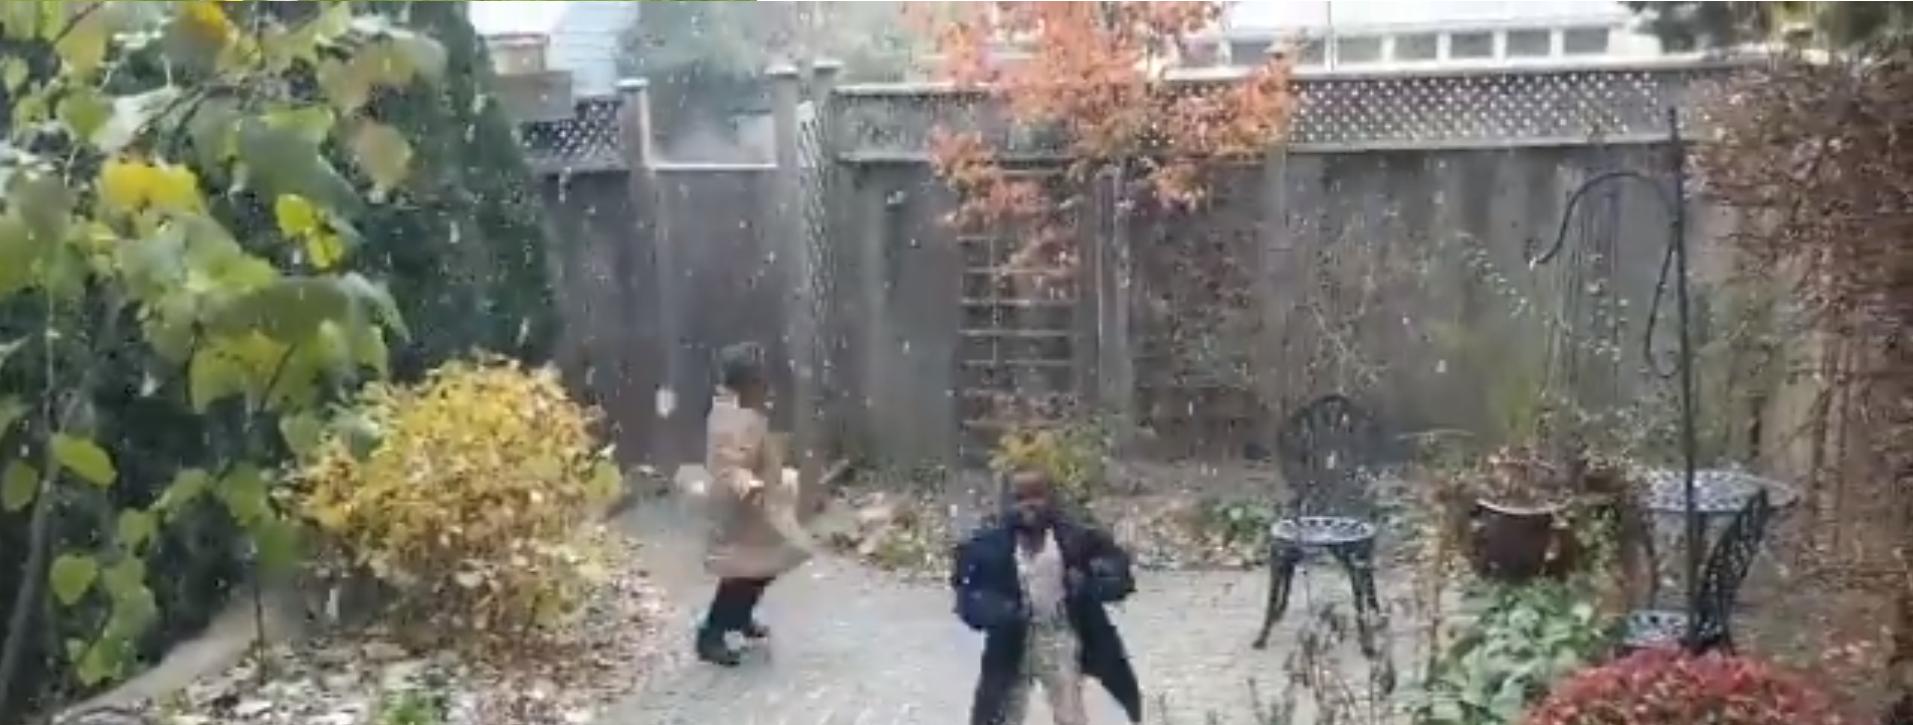 Olyat mutatok, hogy utána direkte örülni fogsz a jeges novembernek, sőt áhítozni fogsz a csikorgó télre!